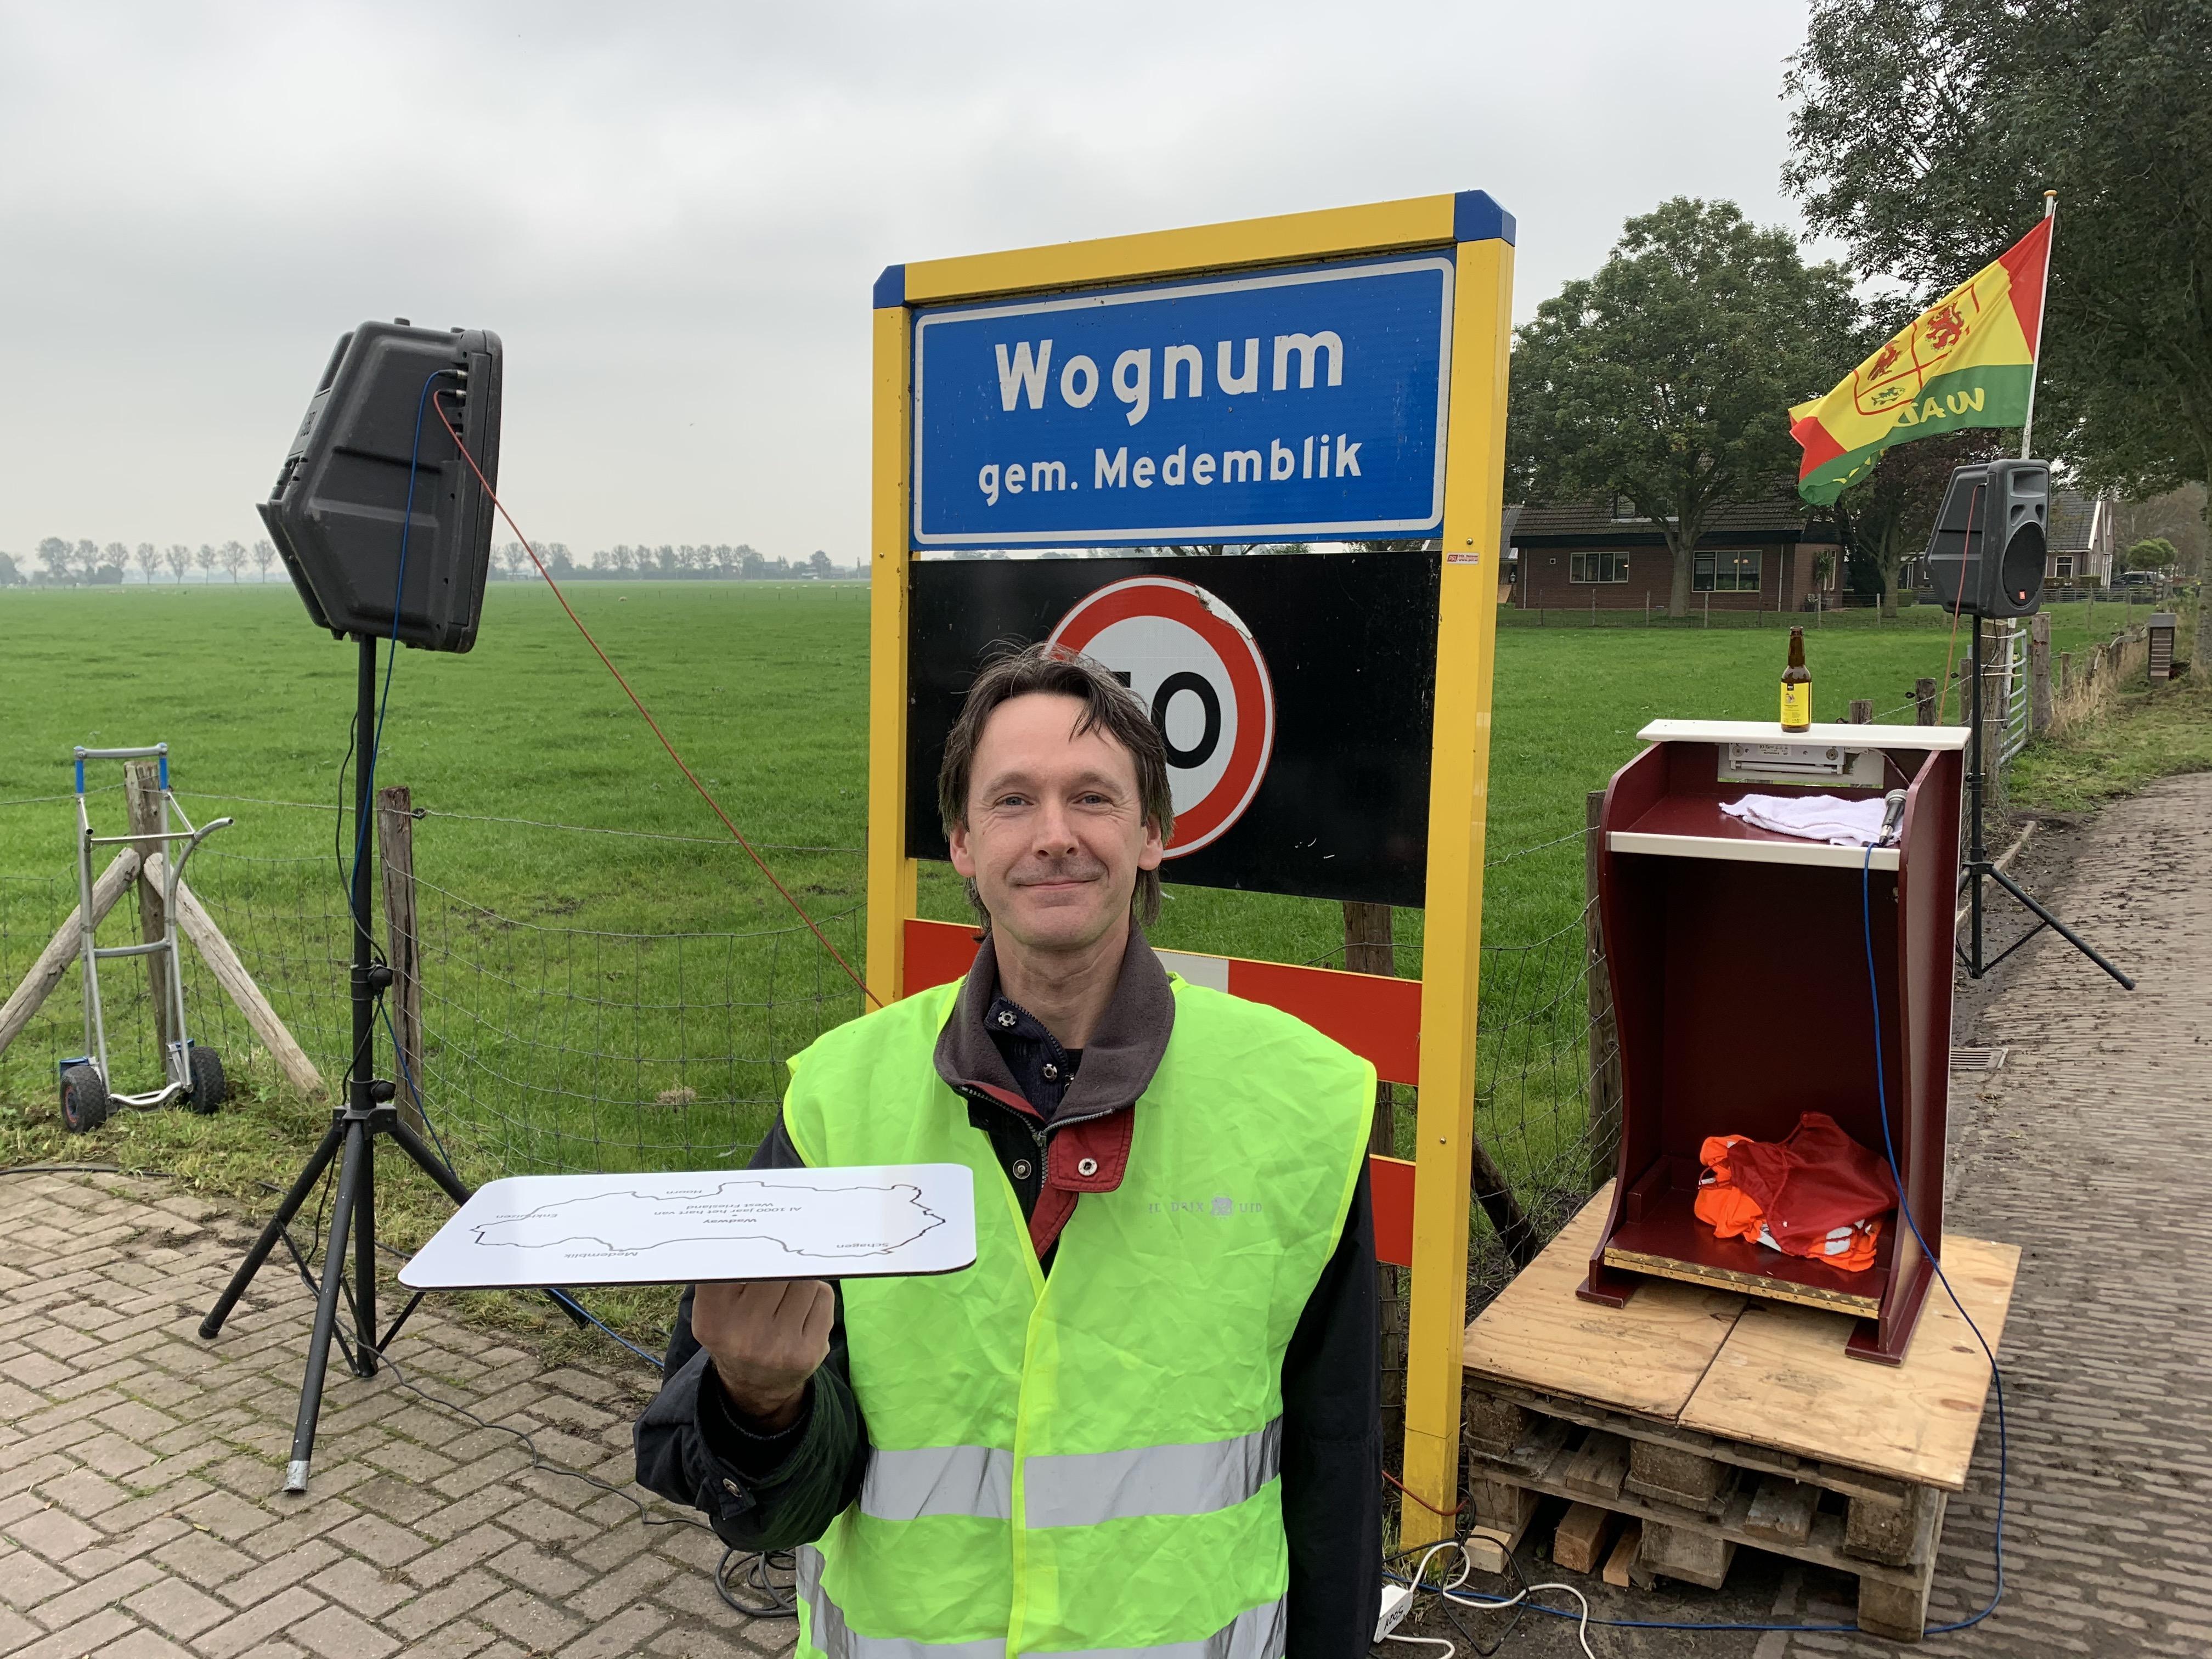 'Paal met een verhaal' markeert Wadway als geografisch middelpunt West-Friesland [video]